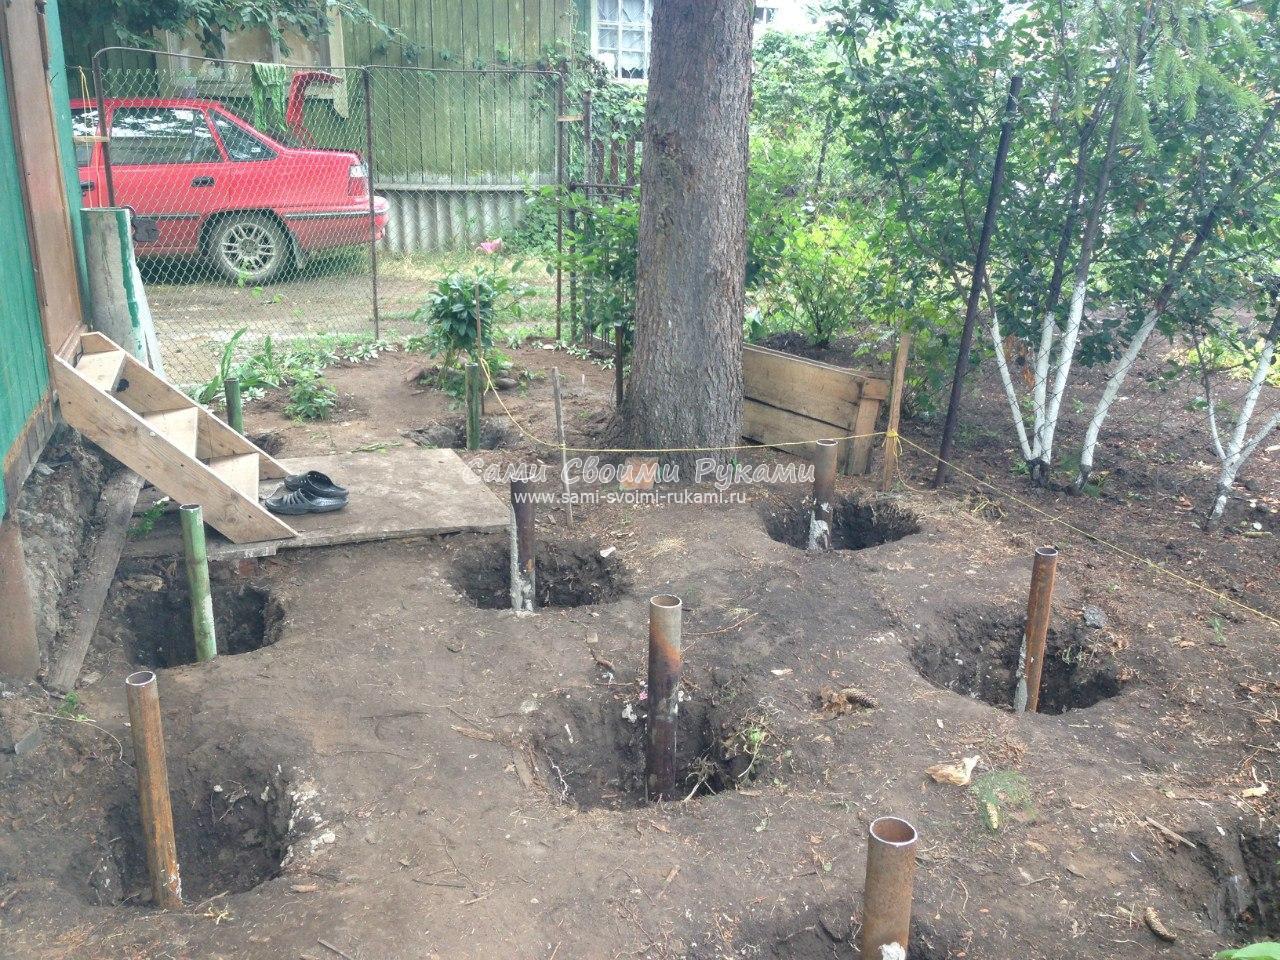 Поделки для дачи: используем дерево